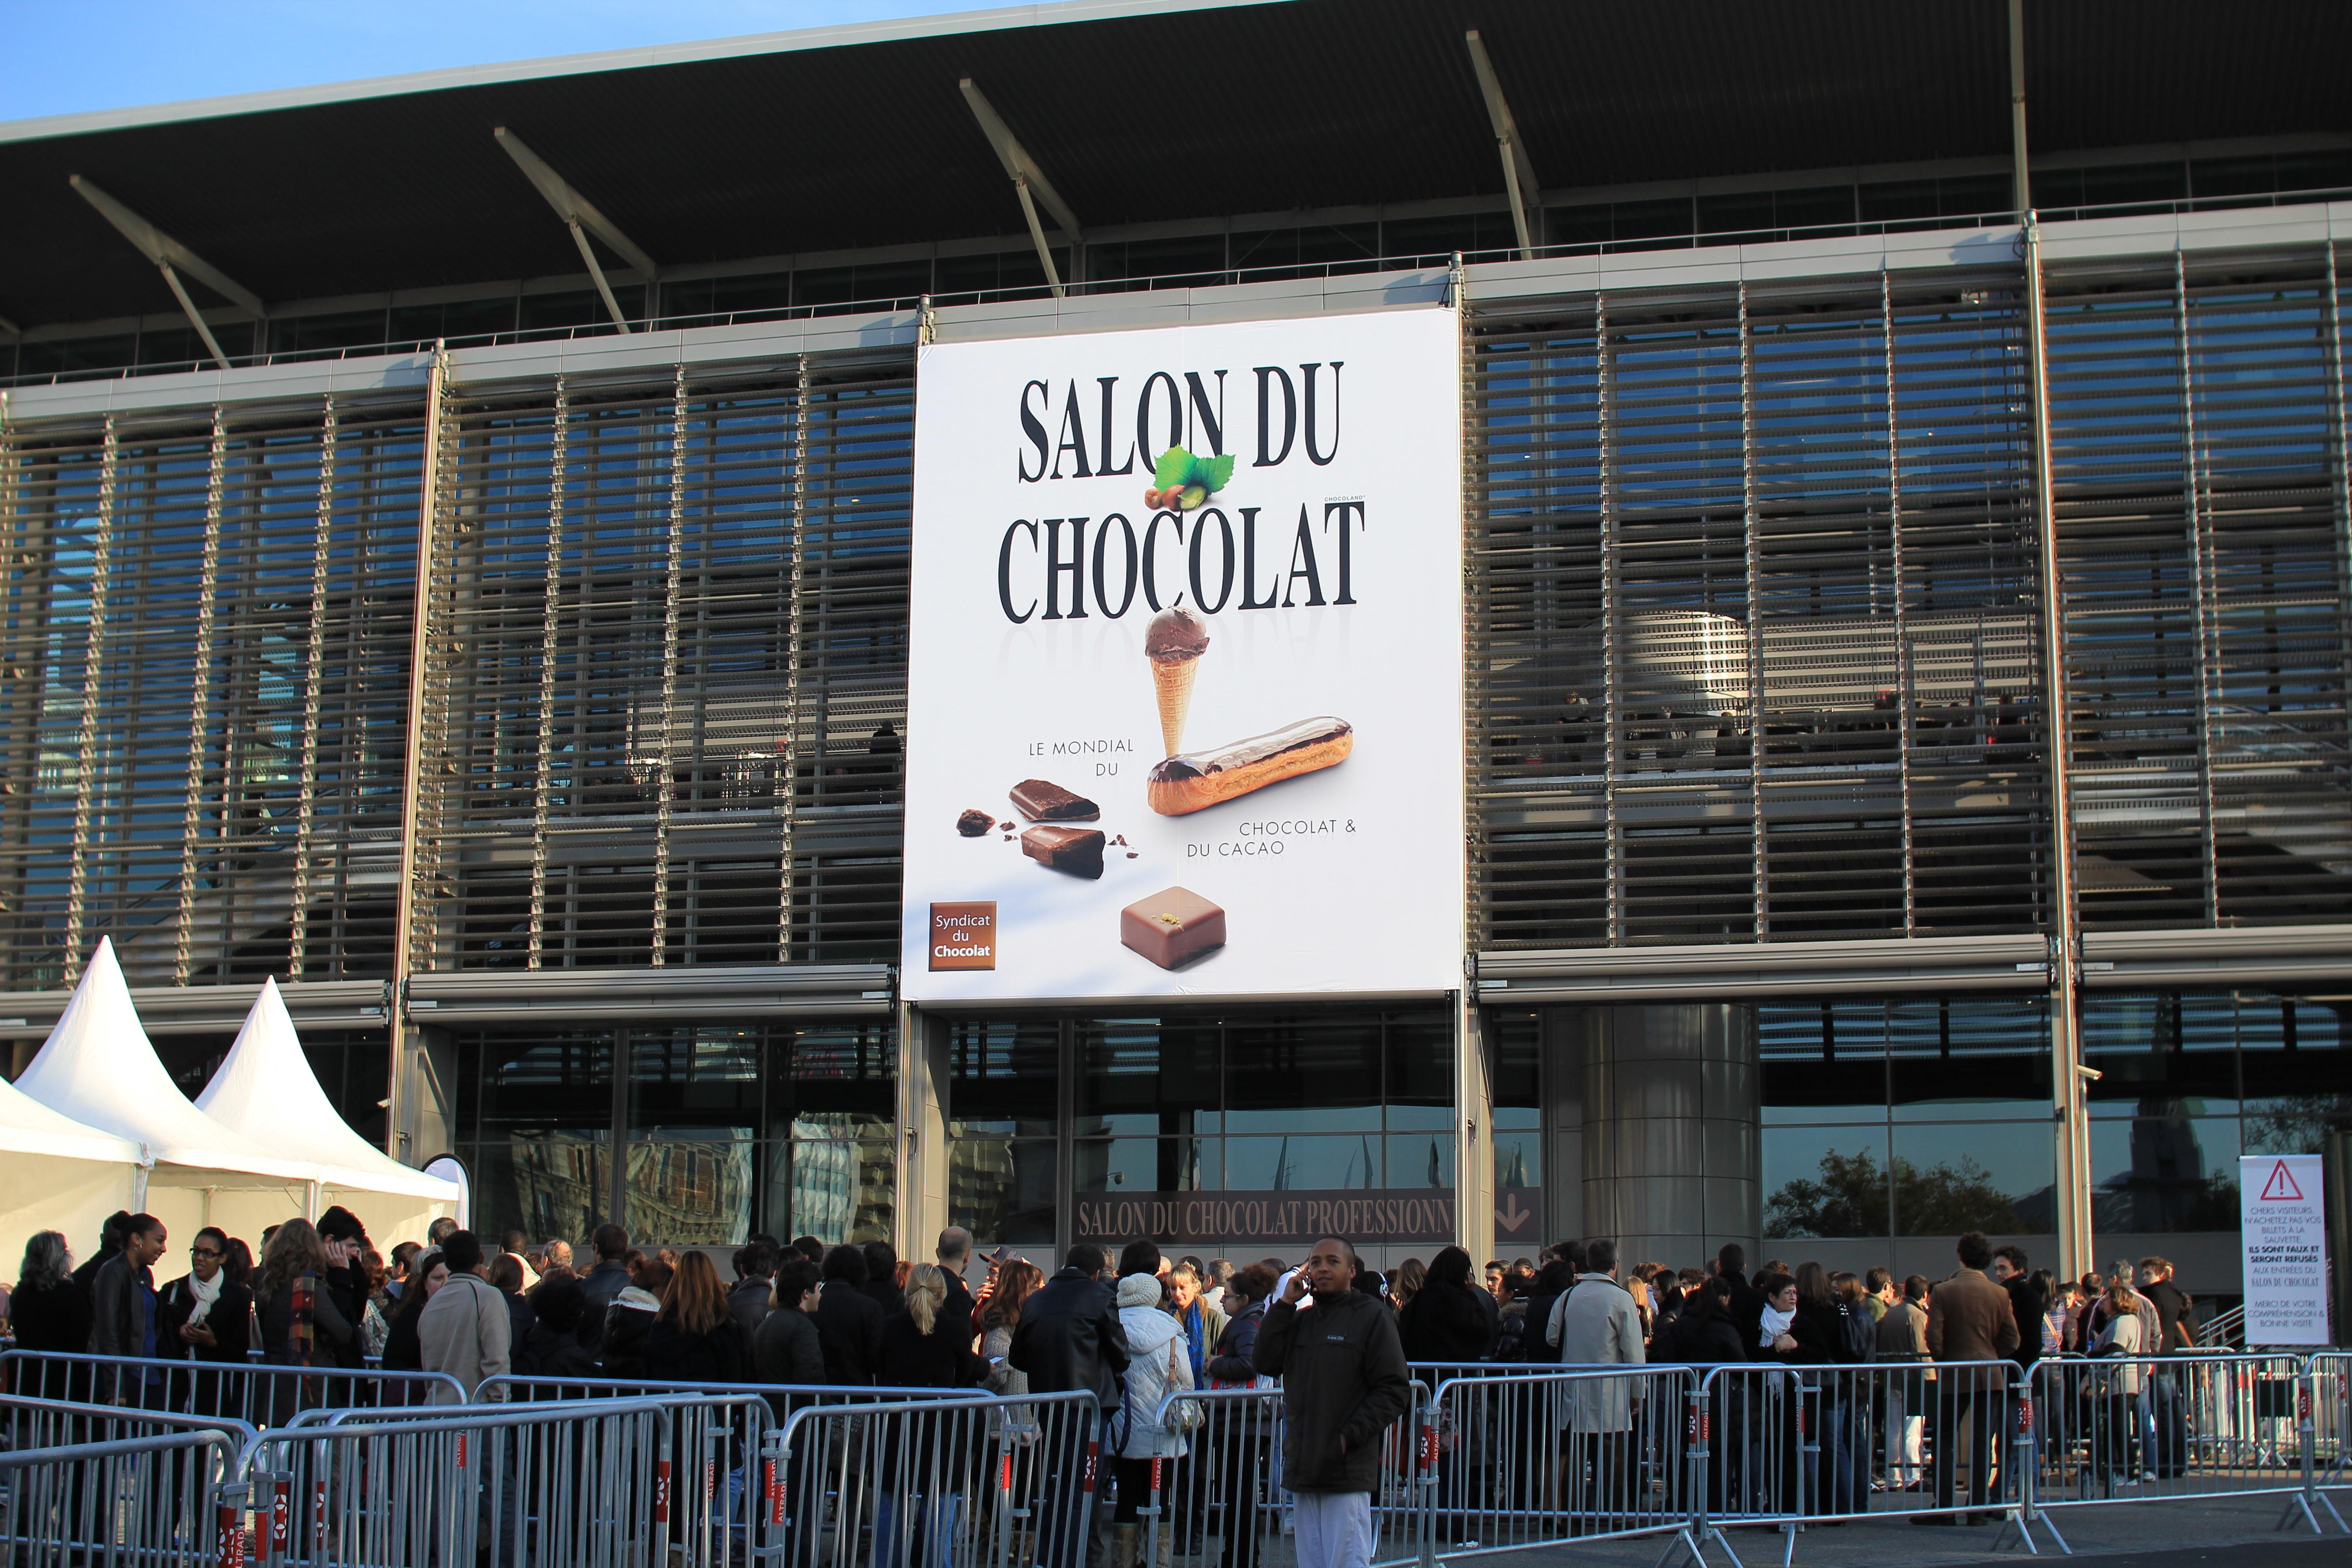 ショコラでパリ中が沸き返る!サロン・デュ・ショコラ2011 | パリナビ